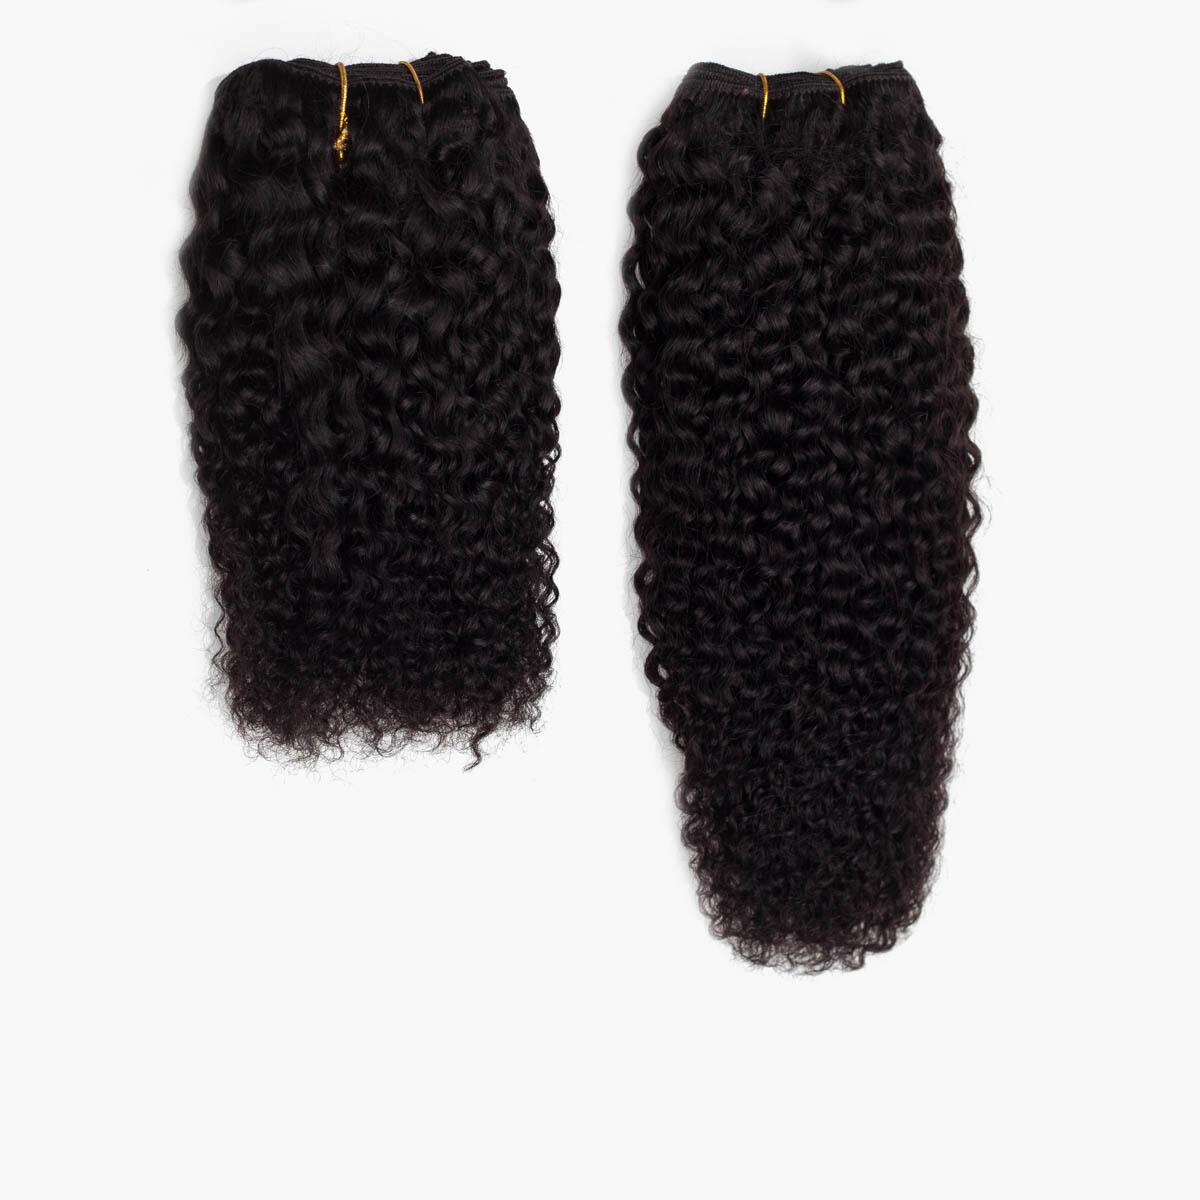 Hair Weft 1.2 Black Brown 25 cm